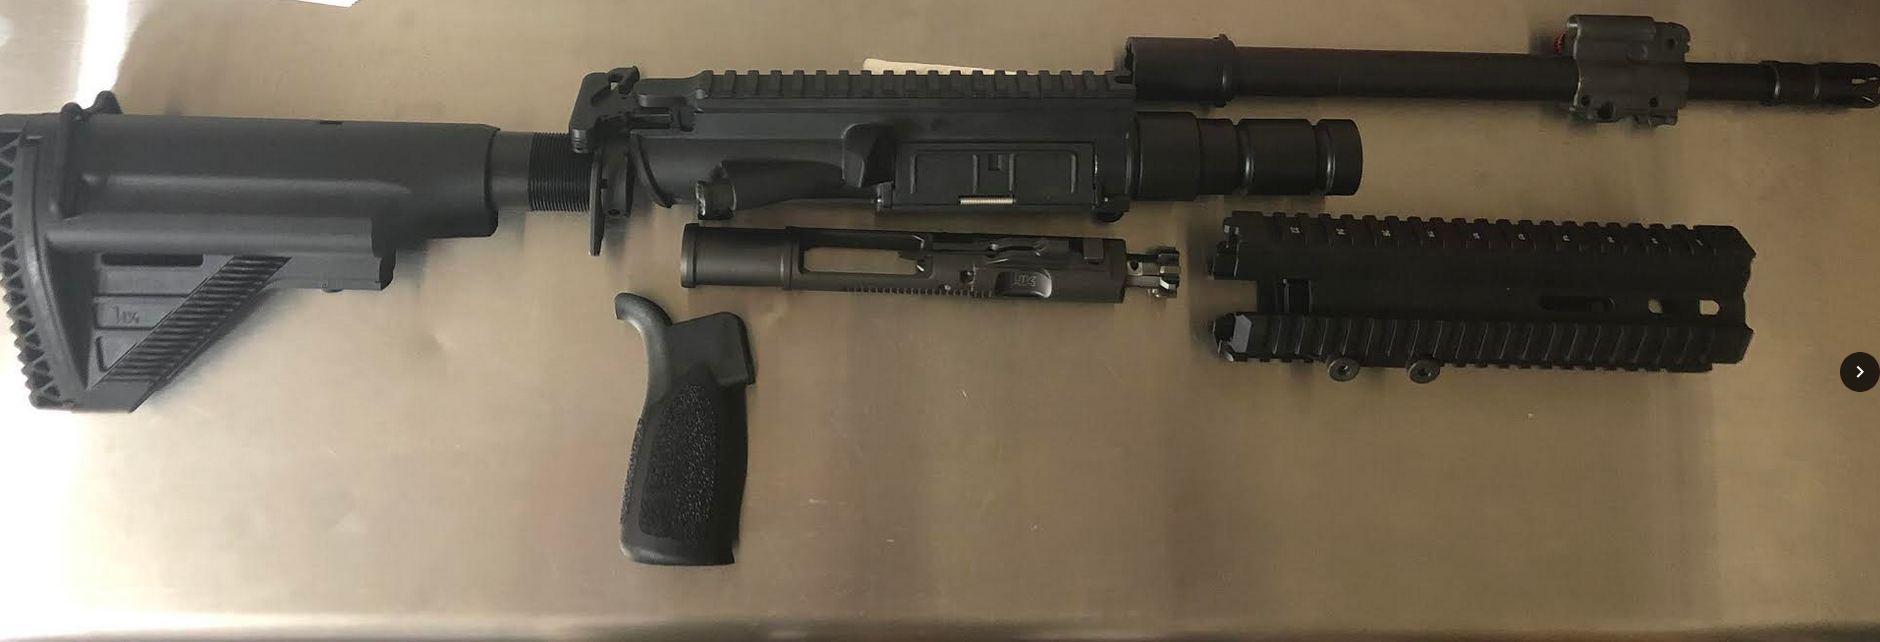 SOLD: 417/Assaulter Parts Kit-assaulter.jpg